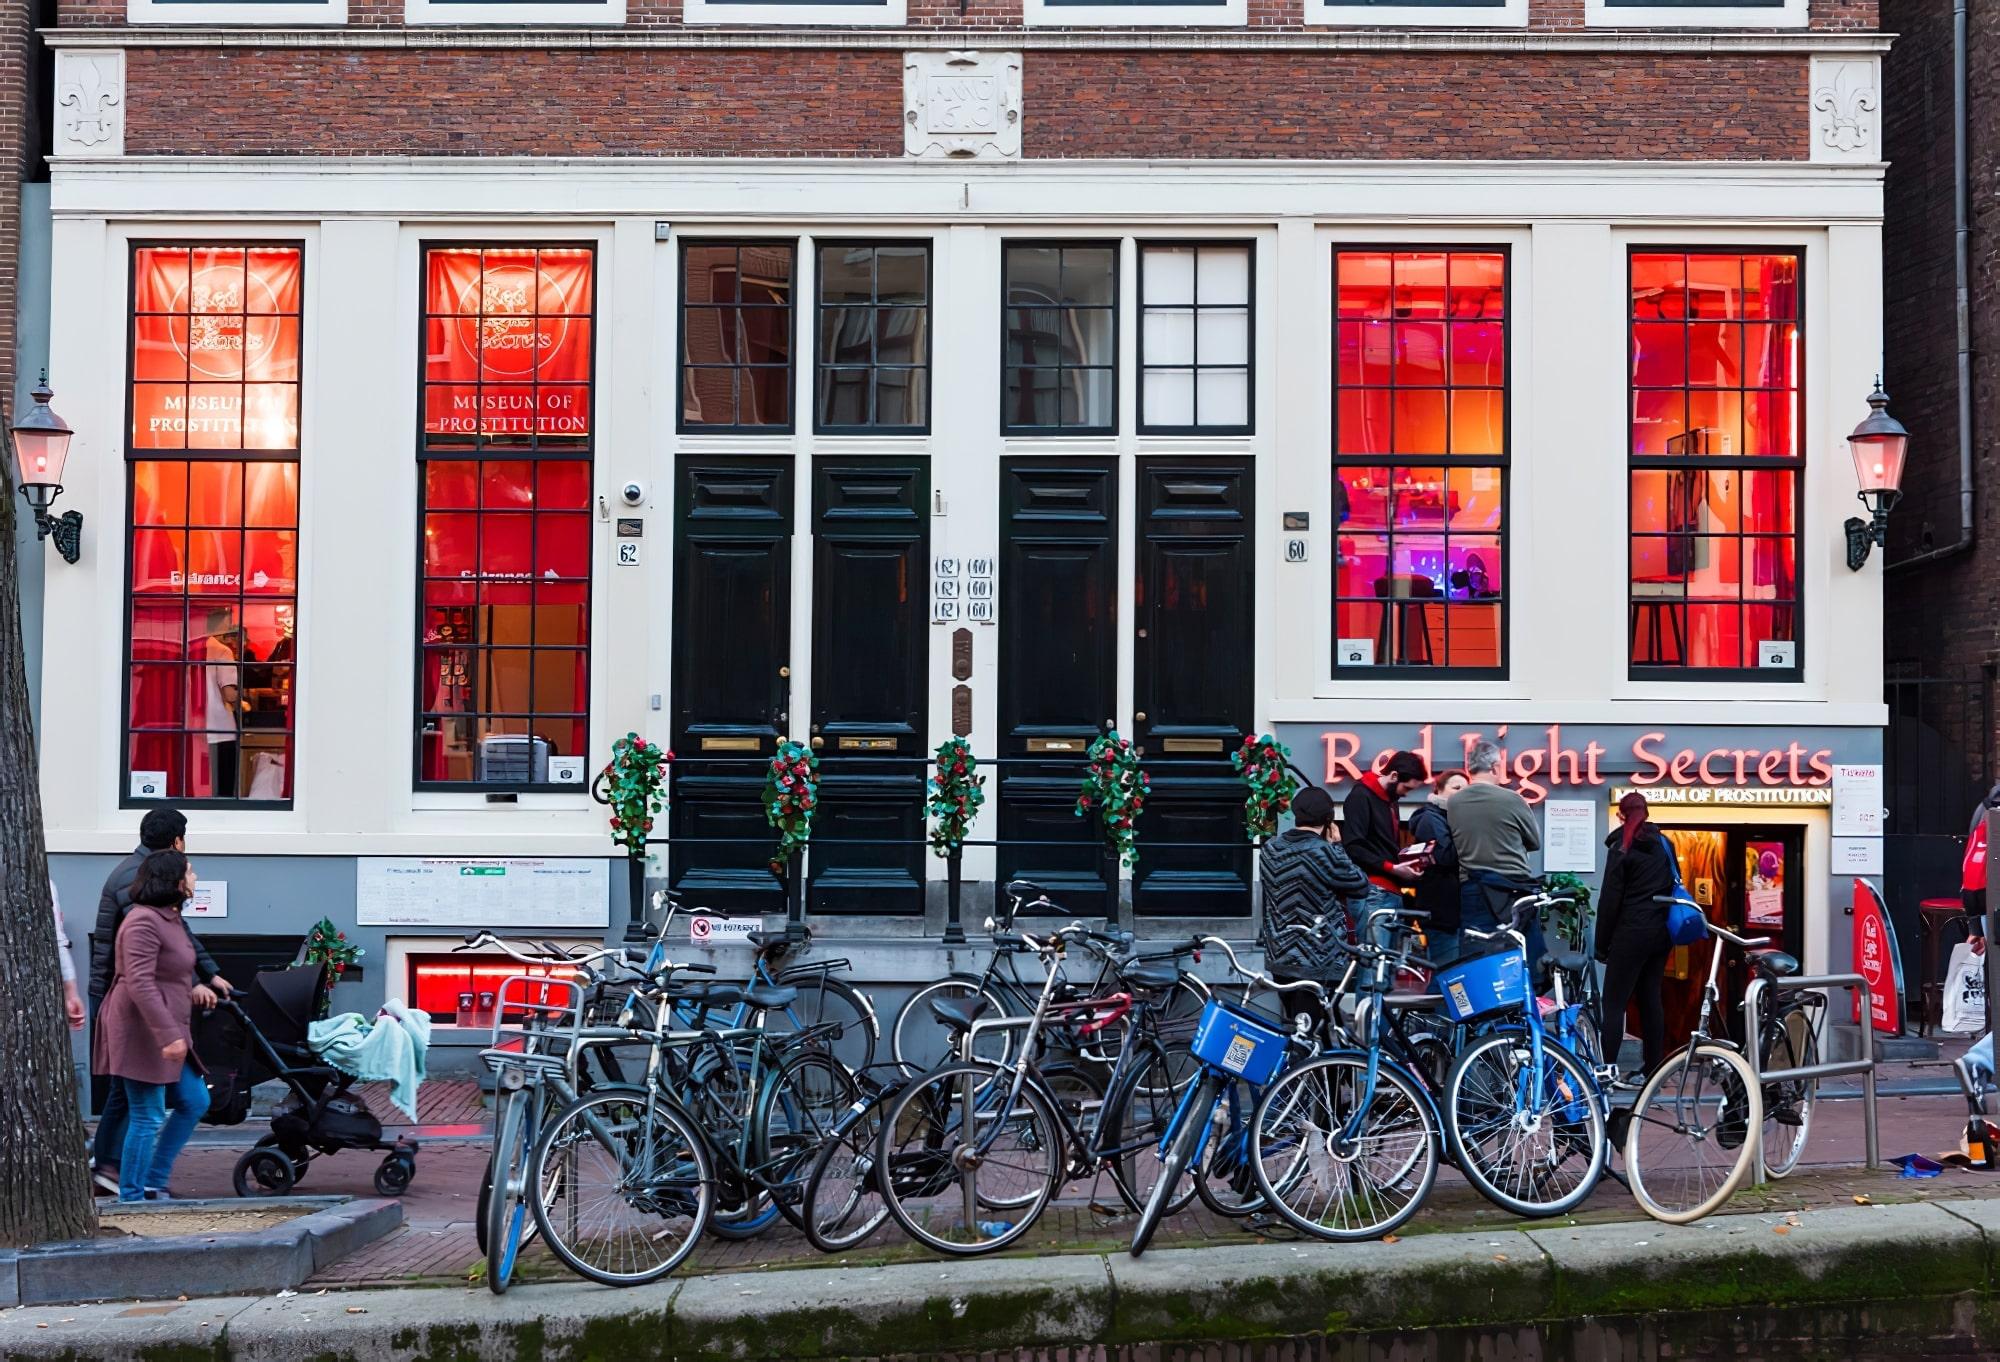 Visiter le musée red light secrets à Amsterdam